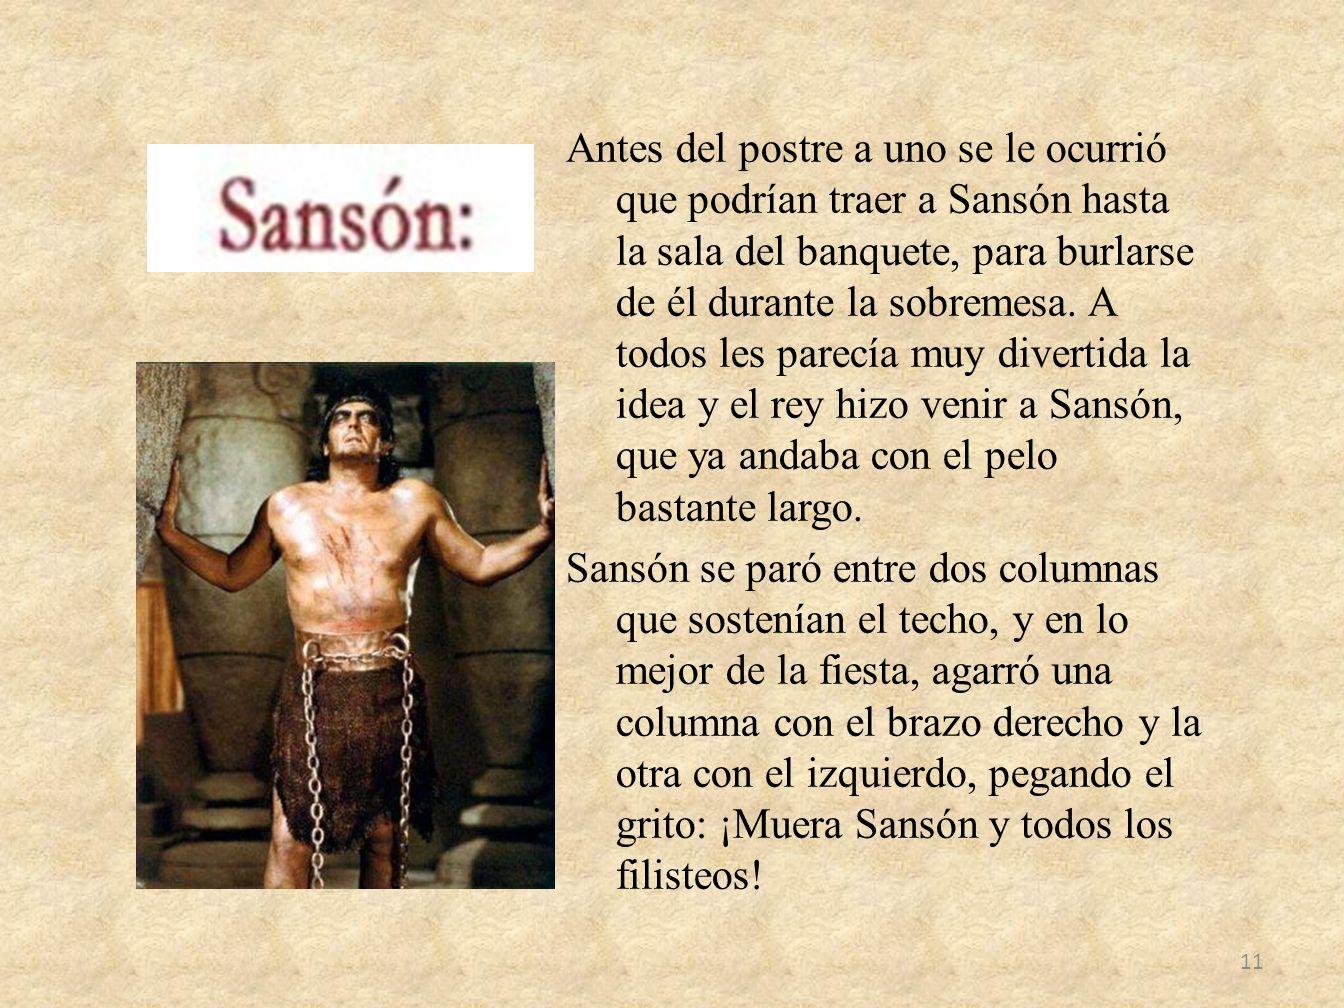 Antes del postre a uno se le ocurrió que podrían traer a Sansón hasta la sala del banquete, para burlarse de él durante la sobremesa. A todos les pare